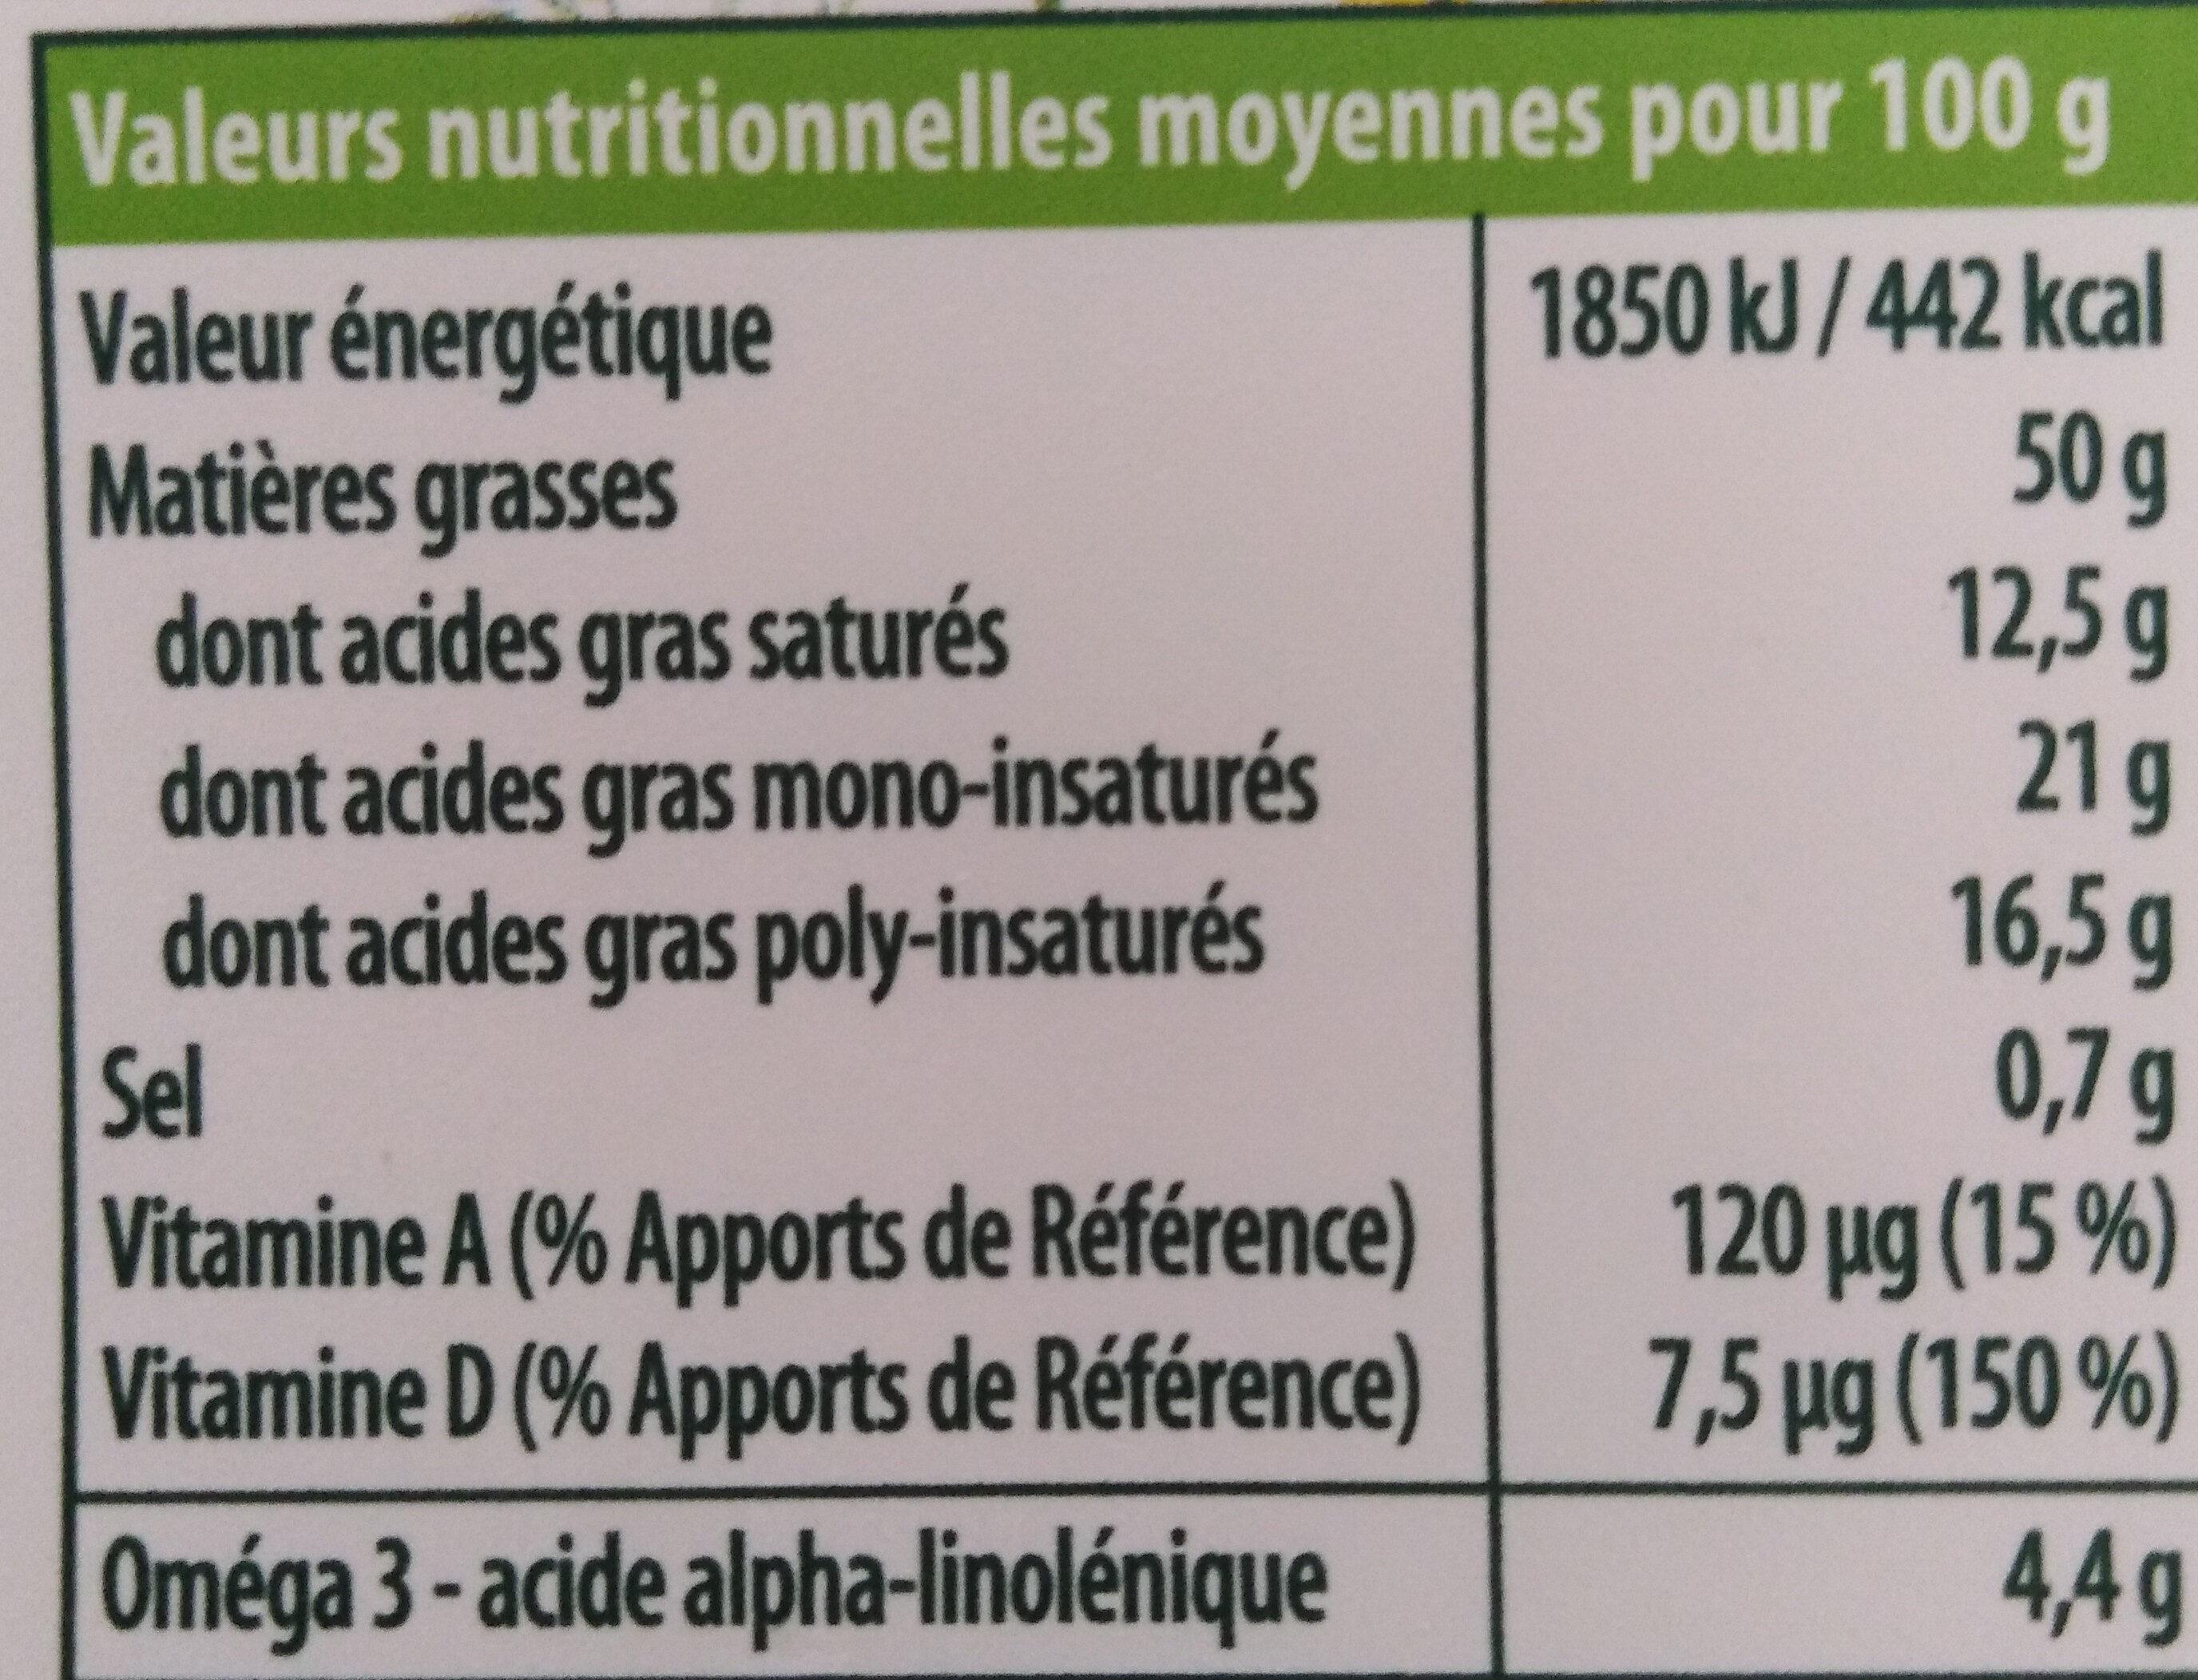 Fruit d'or omega 3 sans huile de palme - Nutrition facts - fr